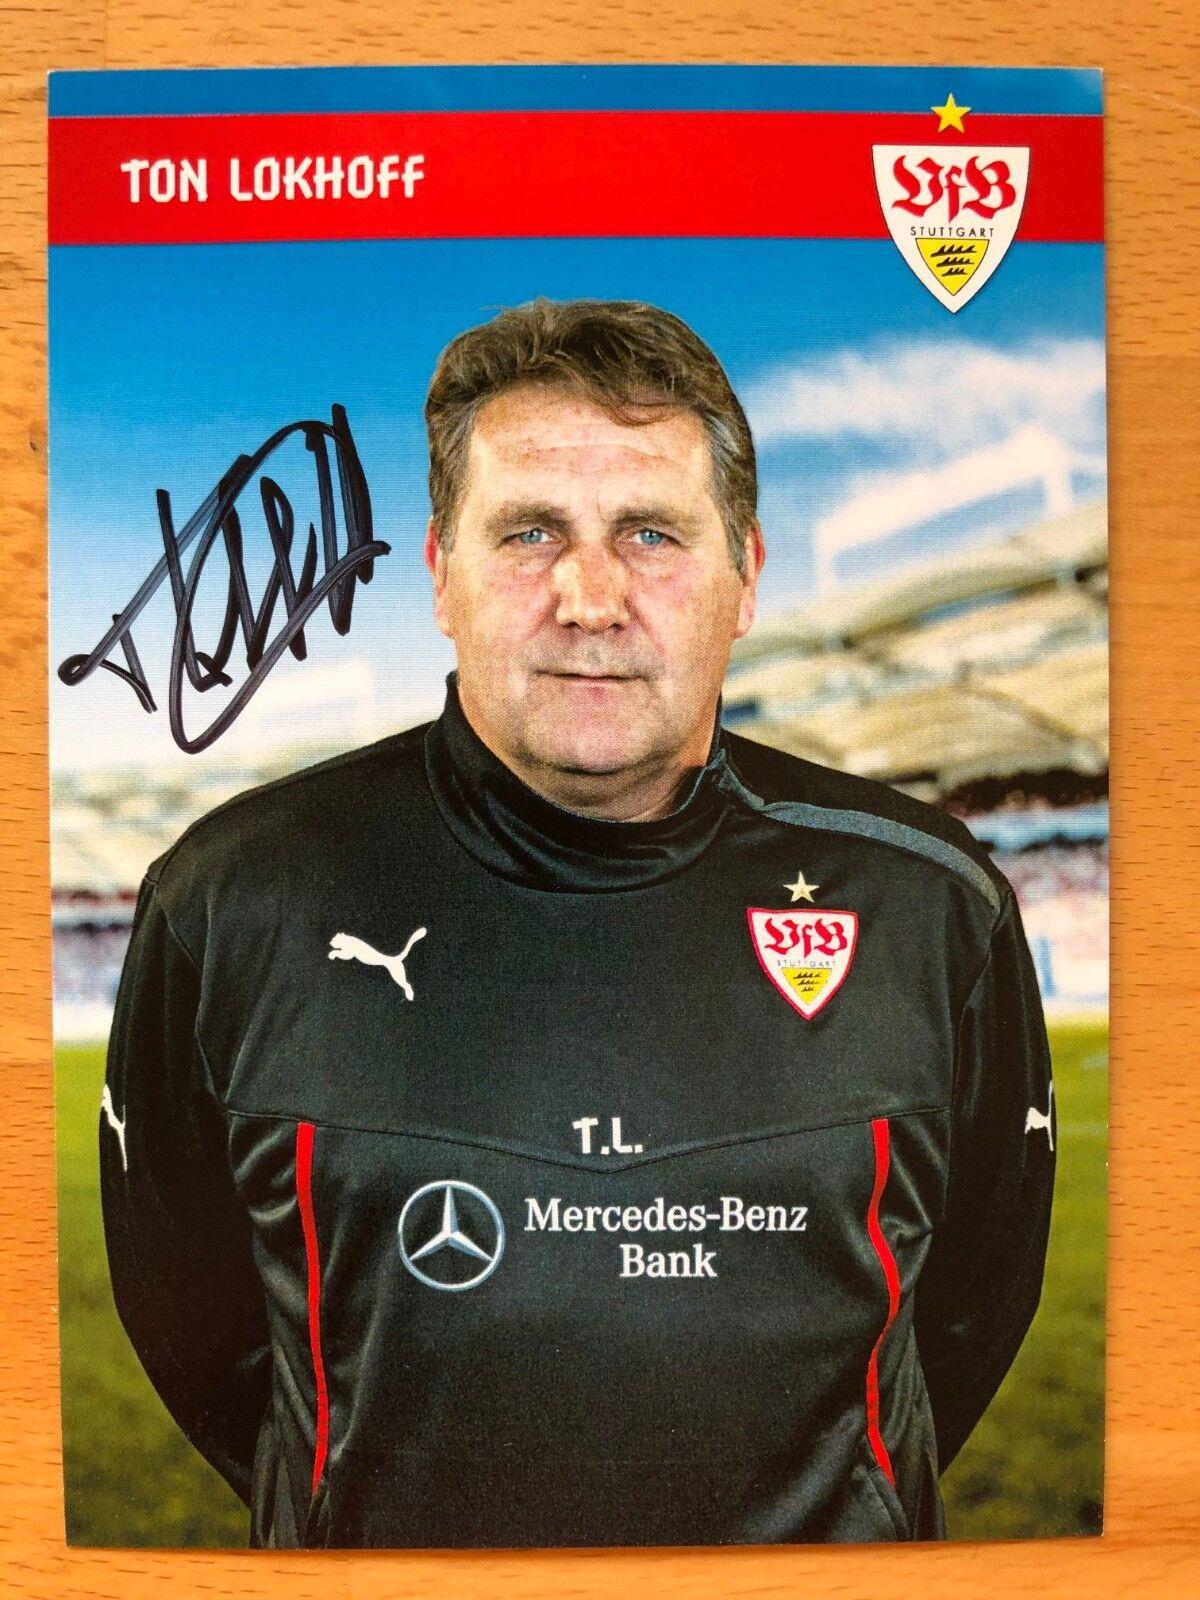 Vfb Stuttgart Autographe 2013-14 Original Signé 1 Ak au Choix Choix au d8fc52